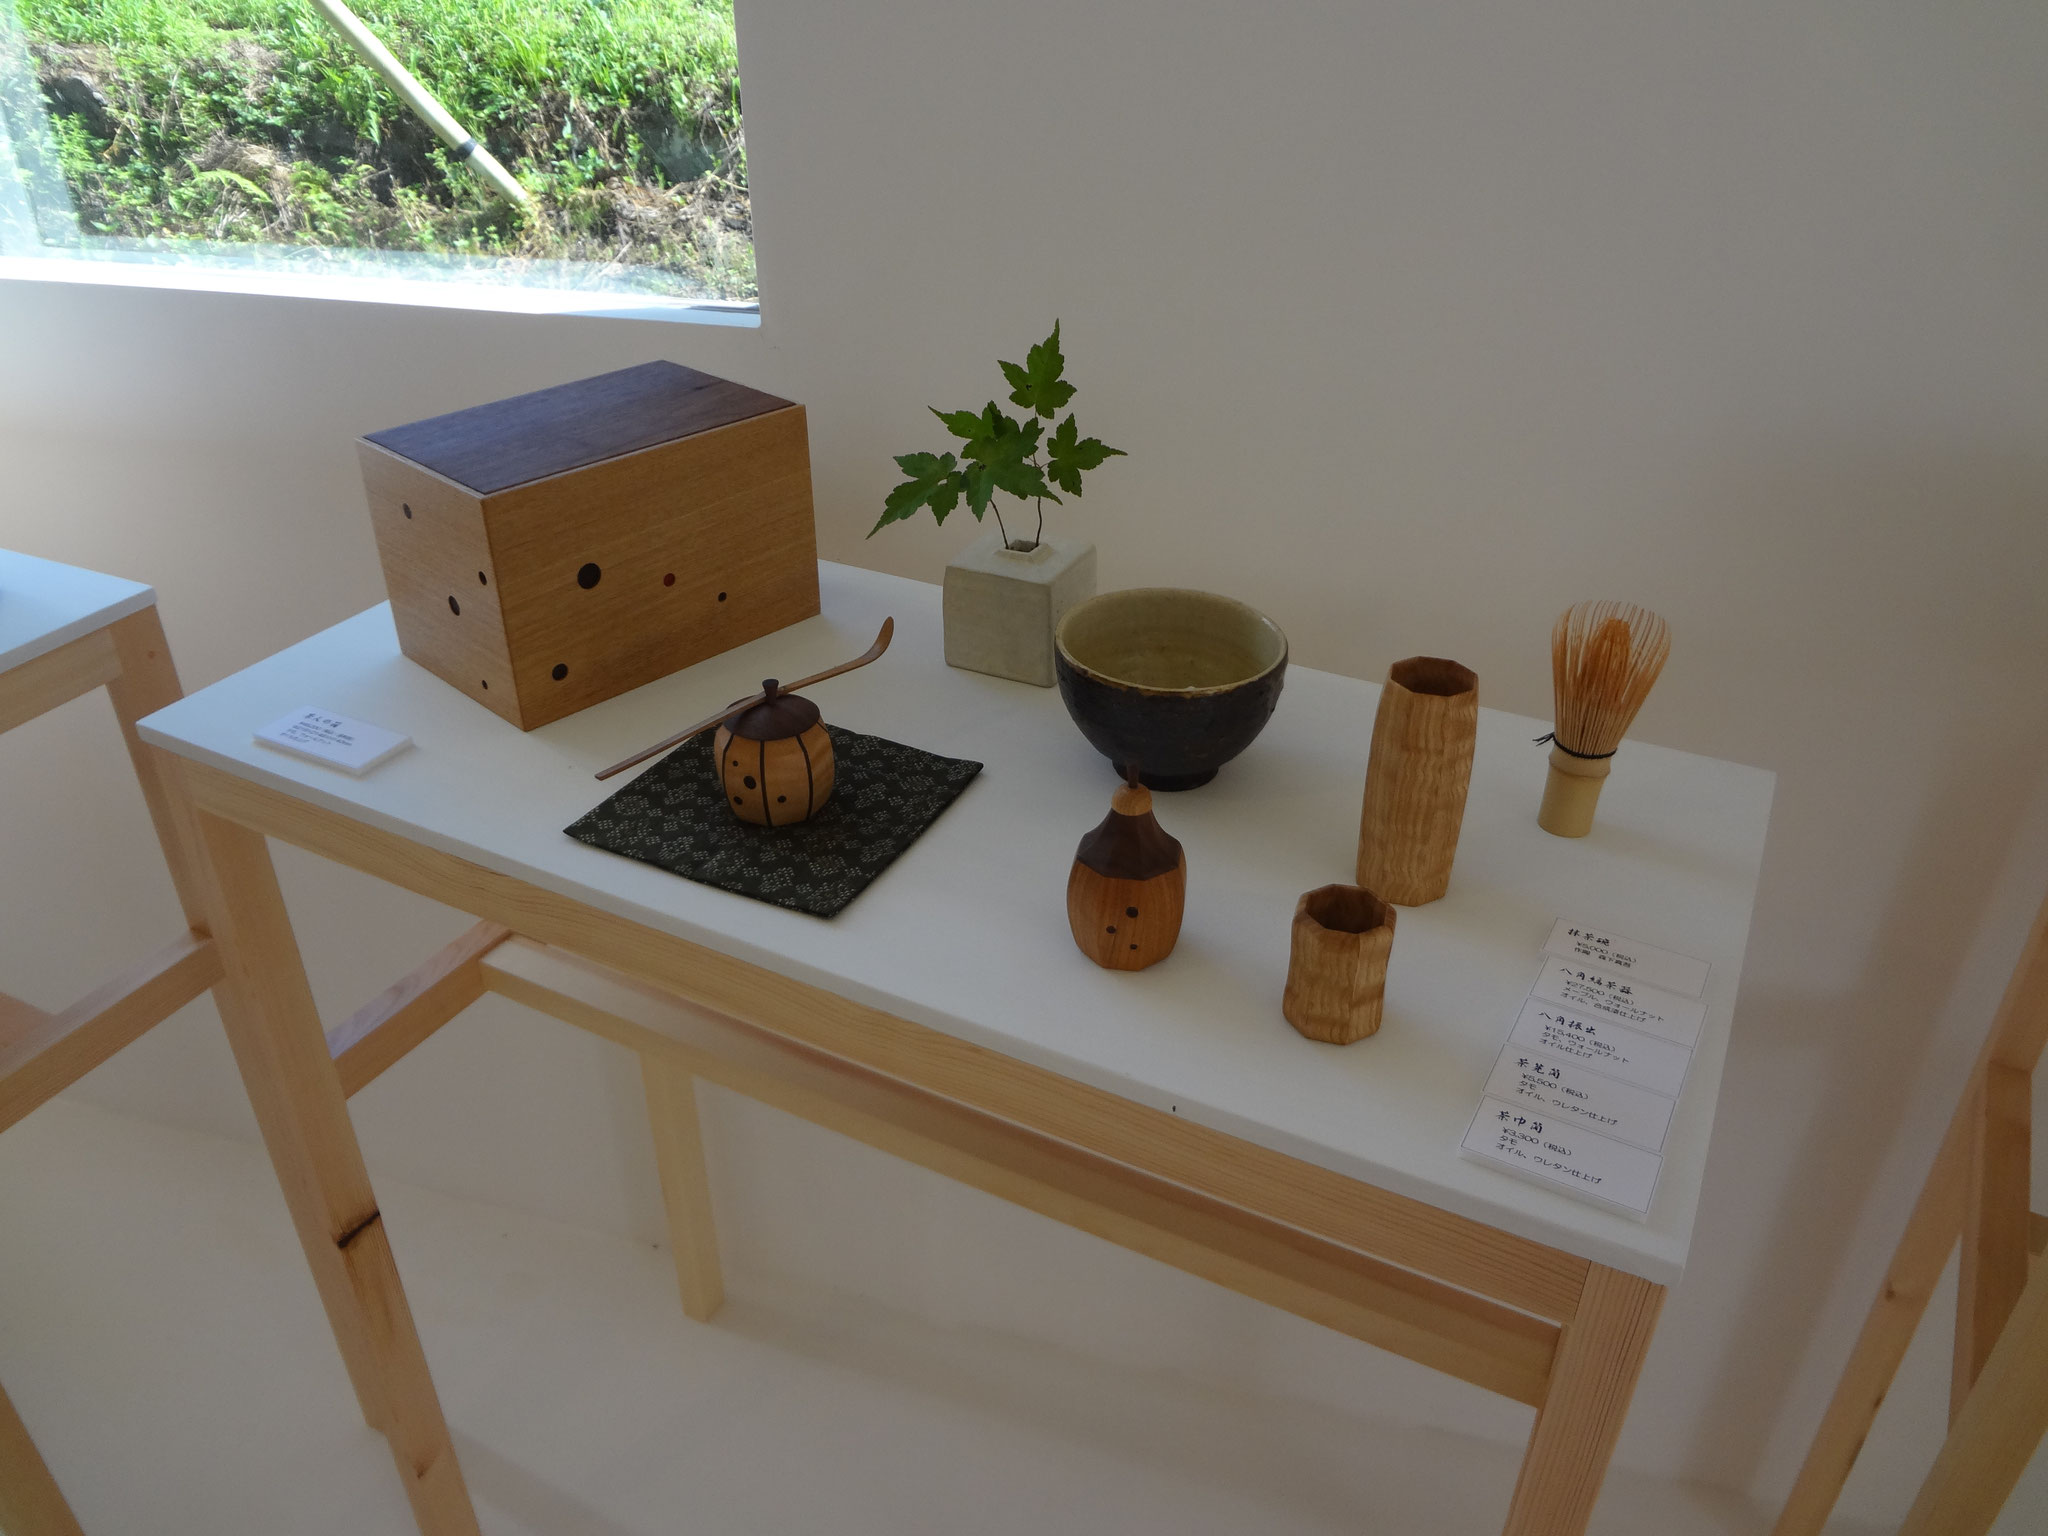 茶人の箱、茶器、茶筅筒、茶巾筒。/八ヶ岳の家具工房ZEROSSOの茶道具、創作家具